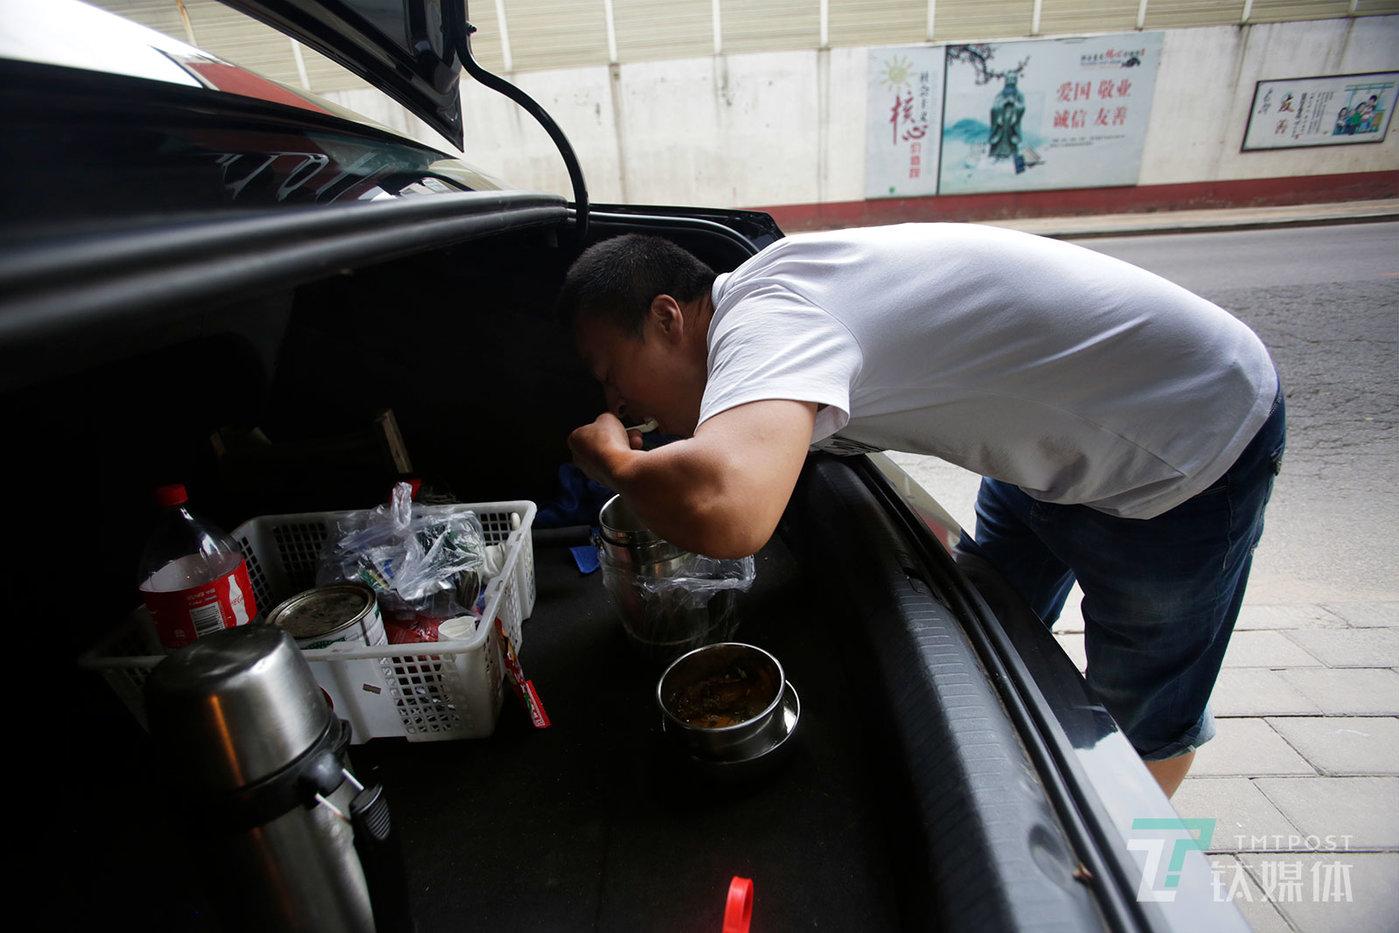 【后备箱的早餐】8月28日早上6:45,北京首都机场附近,网约车司机孙忠臣送完第一单后,在后备箱吃起了早餐。2018年,几起骇人听闻的刑事案件和监管部门的一系列动作,使得这个行业踩下了急刹车。